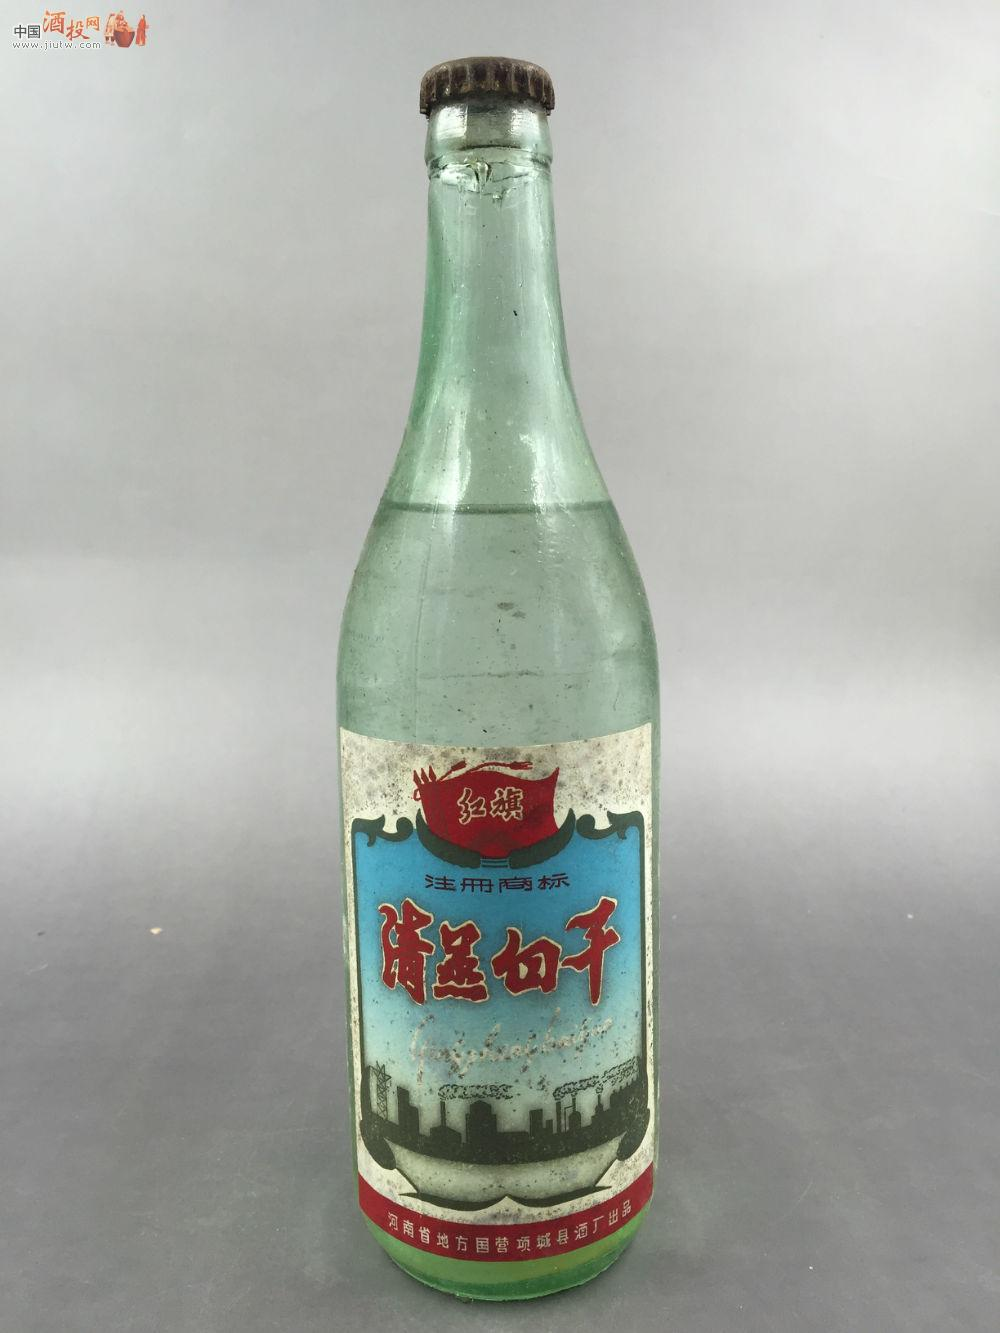 70年代 红旗牌 轻燕白干 6800元 青岛国版老酒交易中心 酒仰大名陈年